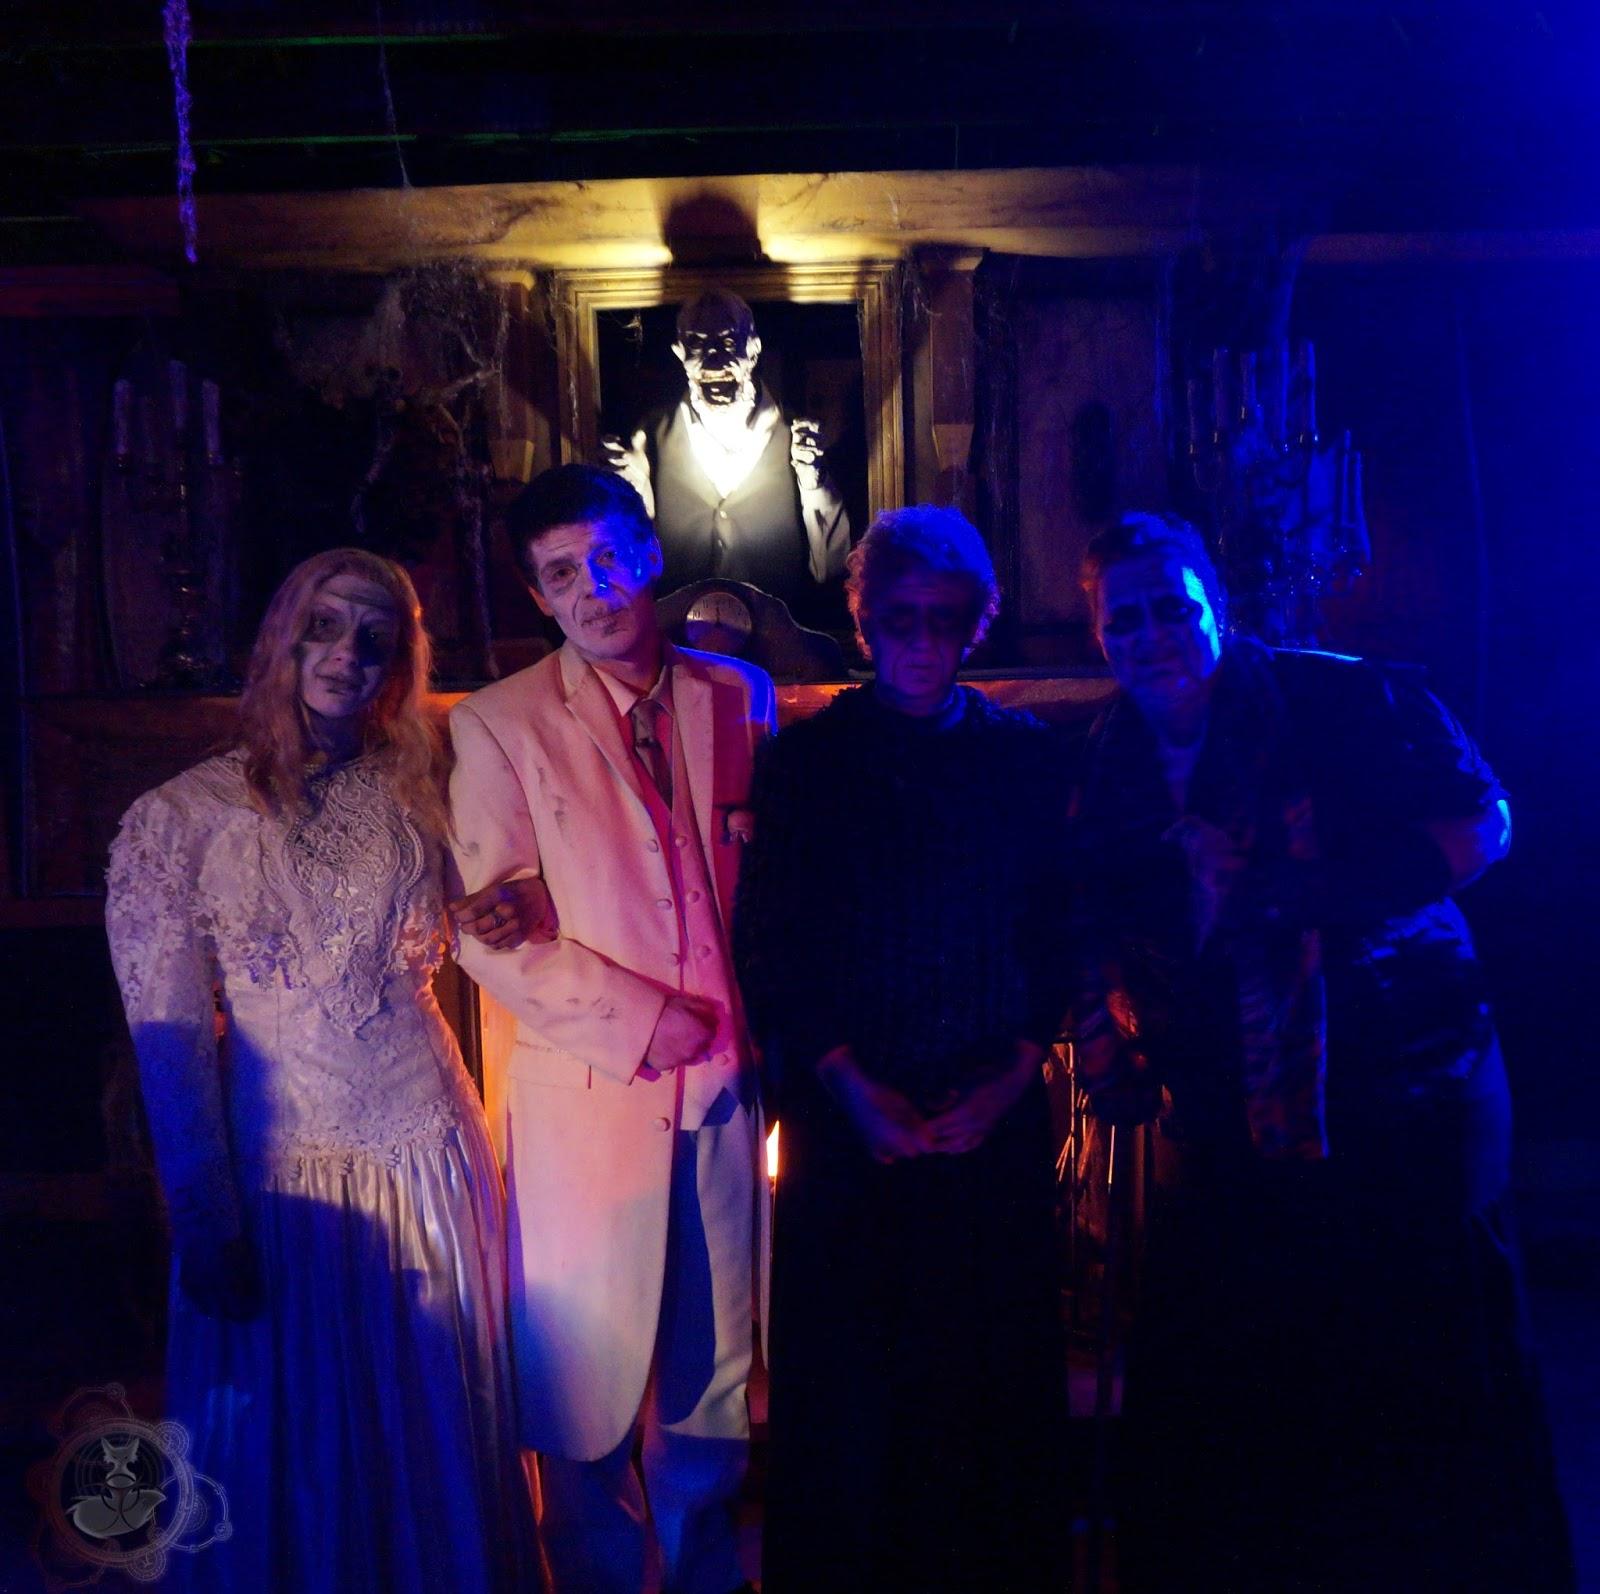 [Haunt Review] Dorney Park's Halloween Haunt Blends New ...